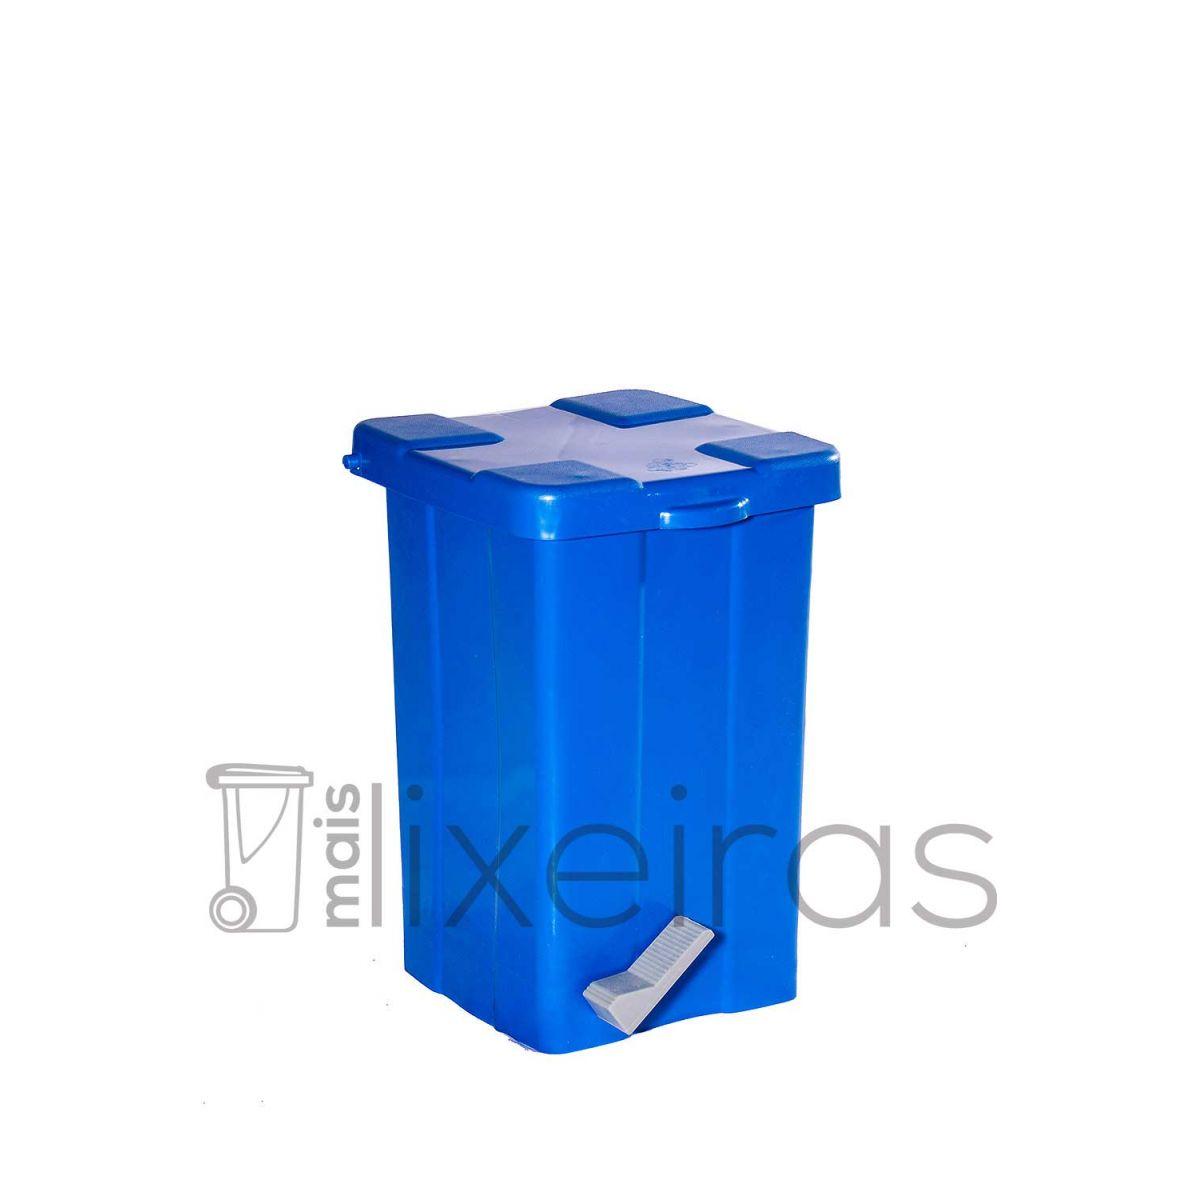 Lixeira plástica colorida com pedal - 25 litros